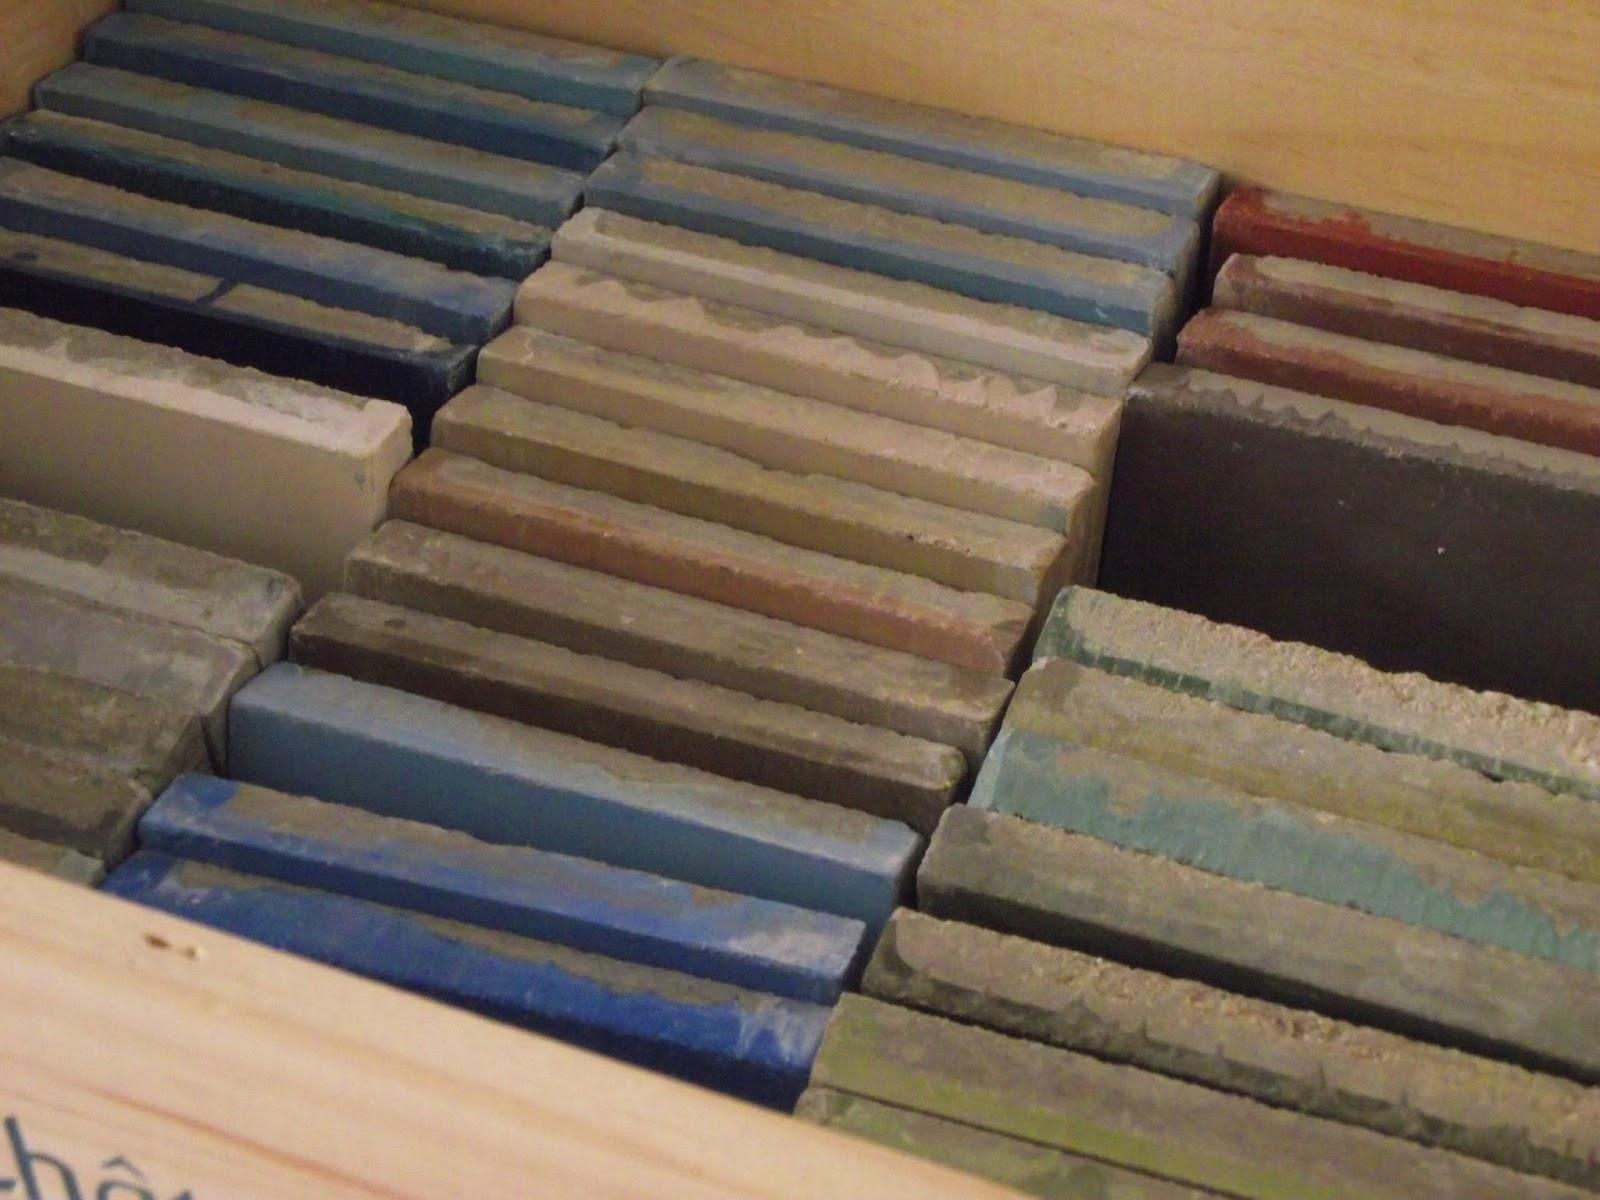 Bahya Lamour Des Carreaux De Ciment Nalous In The Air - Faience cuisine et tapis de yoga baya